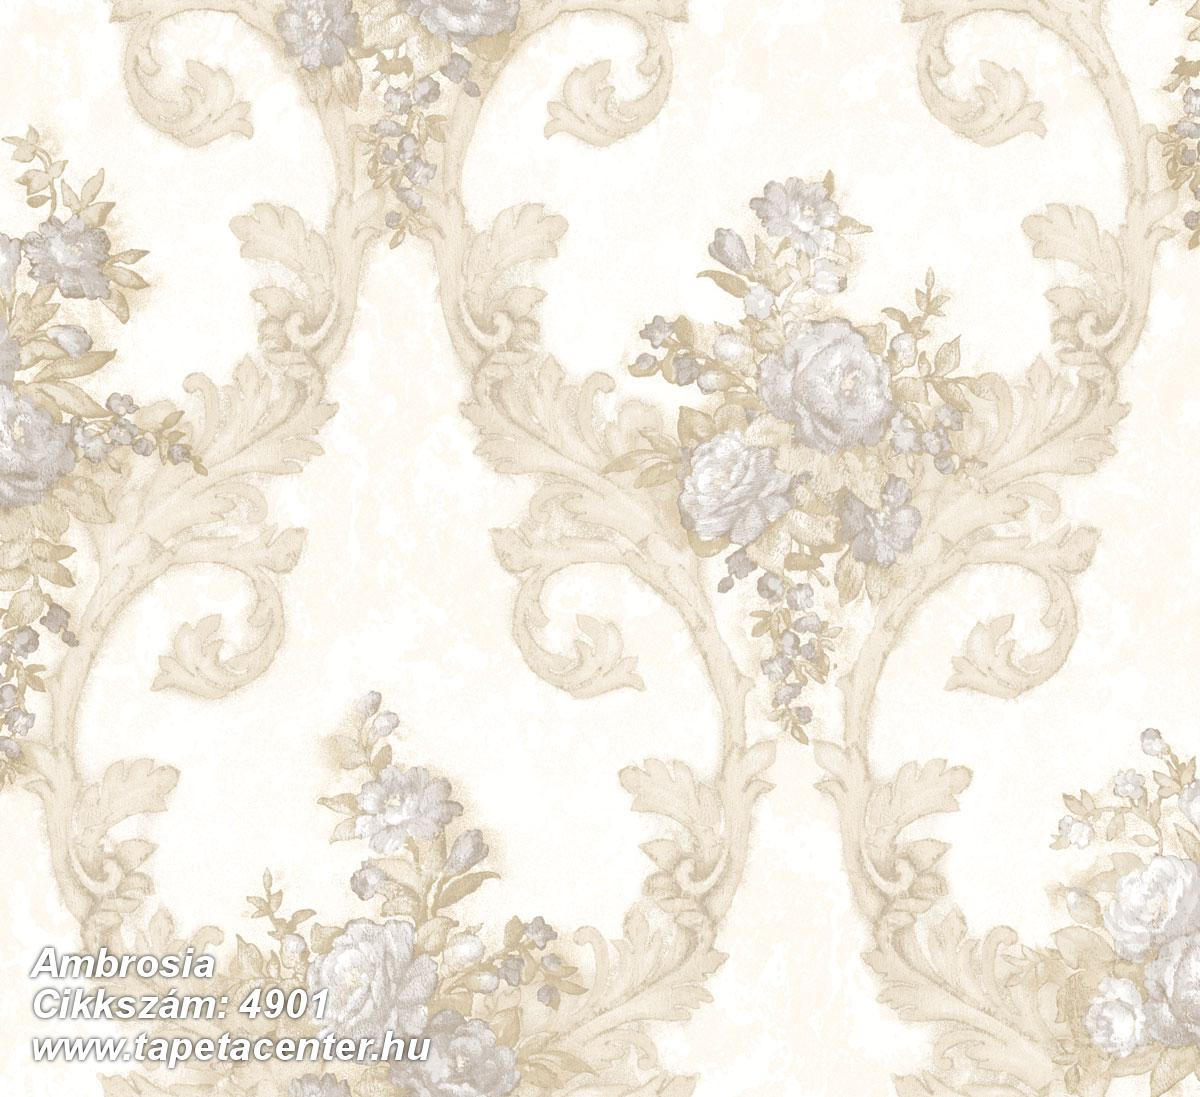 Barokk-klasszikus,természeti mintás,textil hatású,virágmintás,arany,bézs-drapp,fehér,szürke,súrolható,vlies tapéta